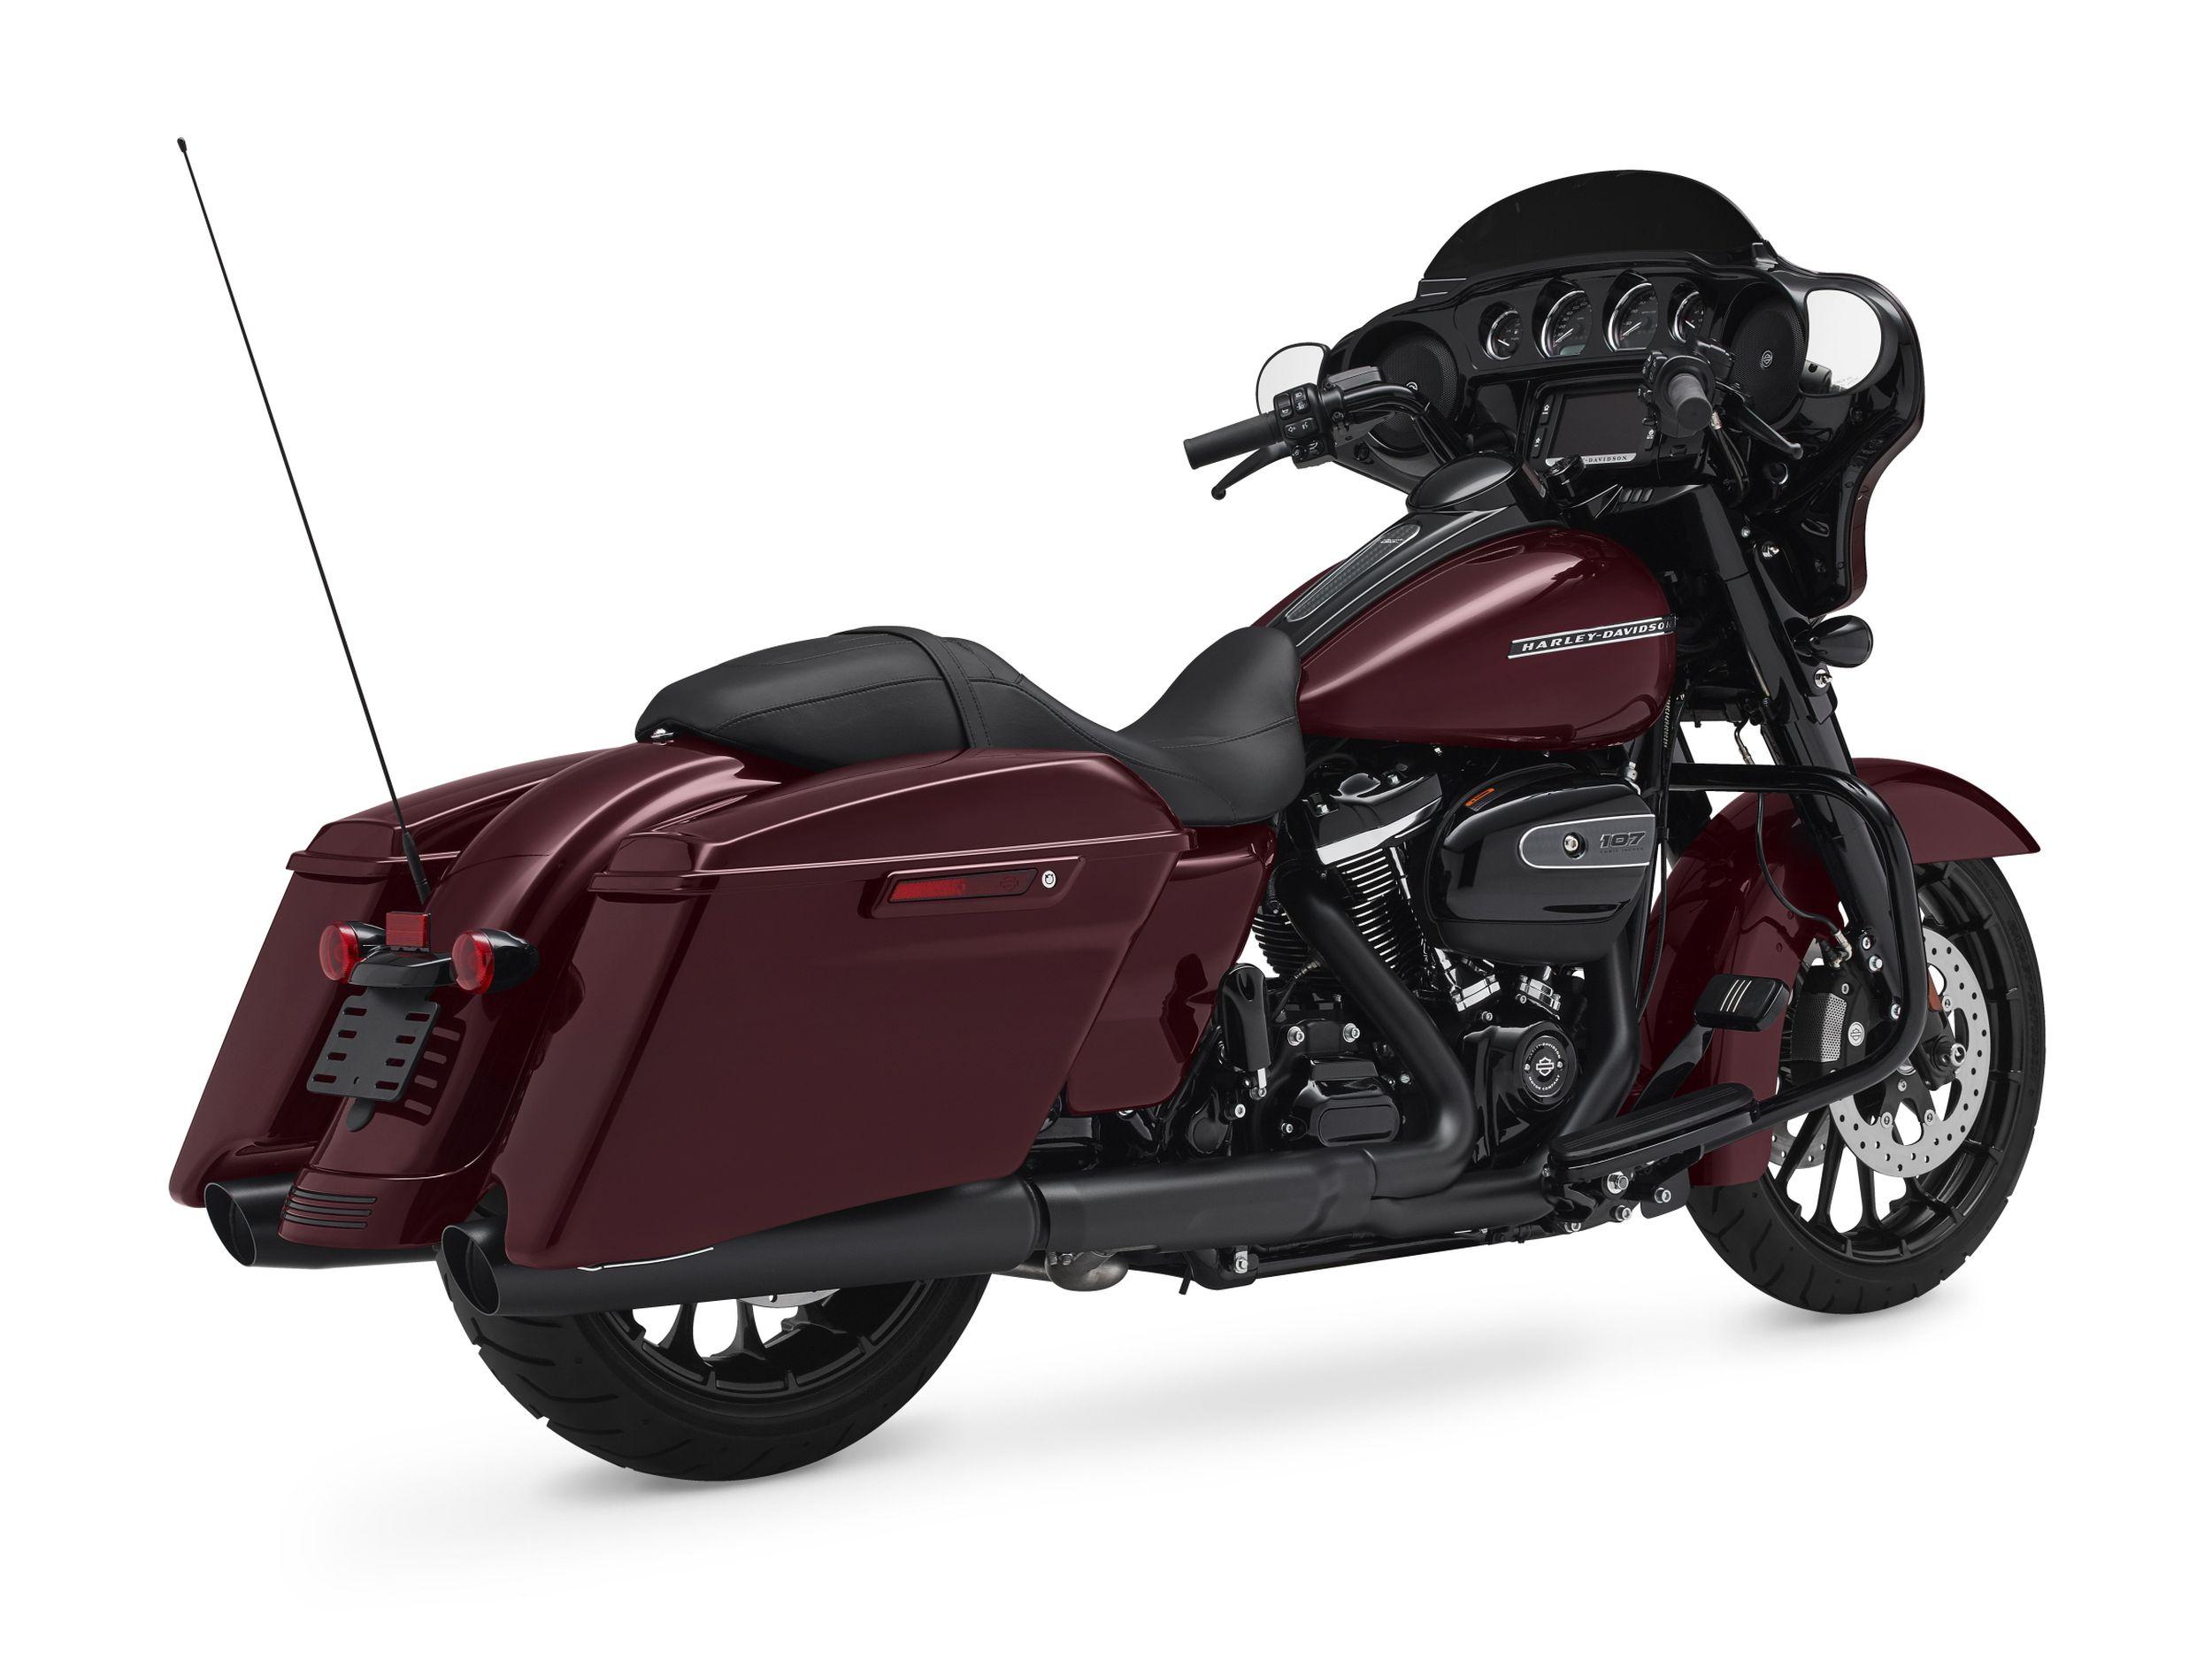 motorrad occasion harley davidson street glide special flhxs kaufen. Black Bedroom Furniture Sets. Home Design Ideas